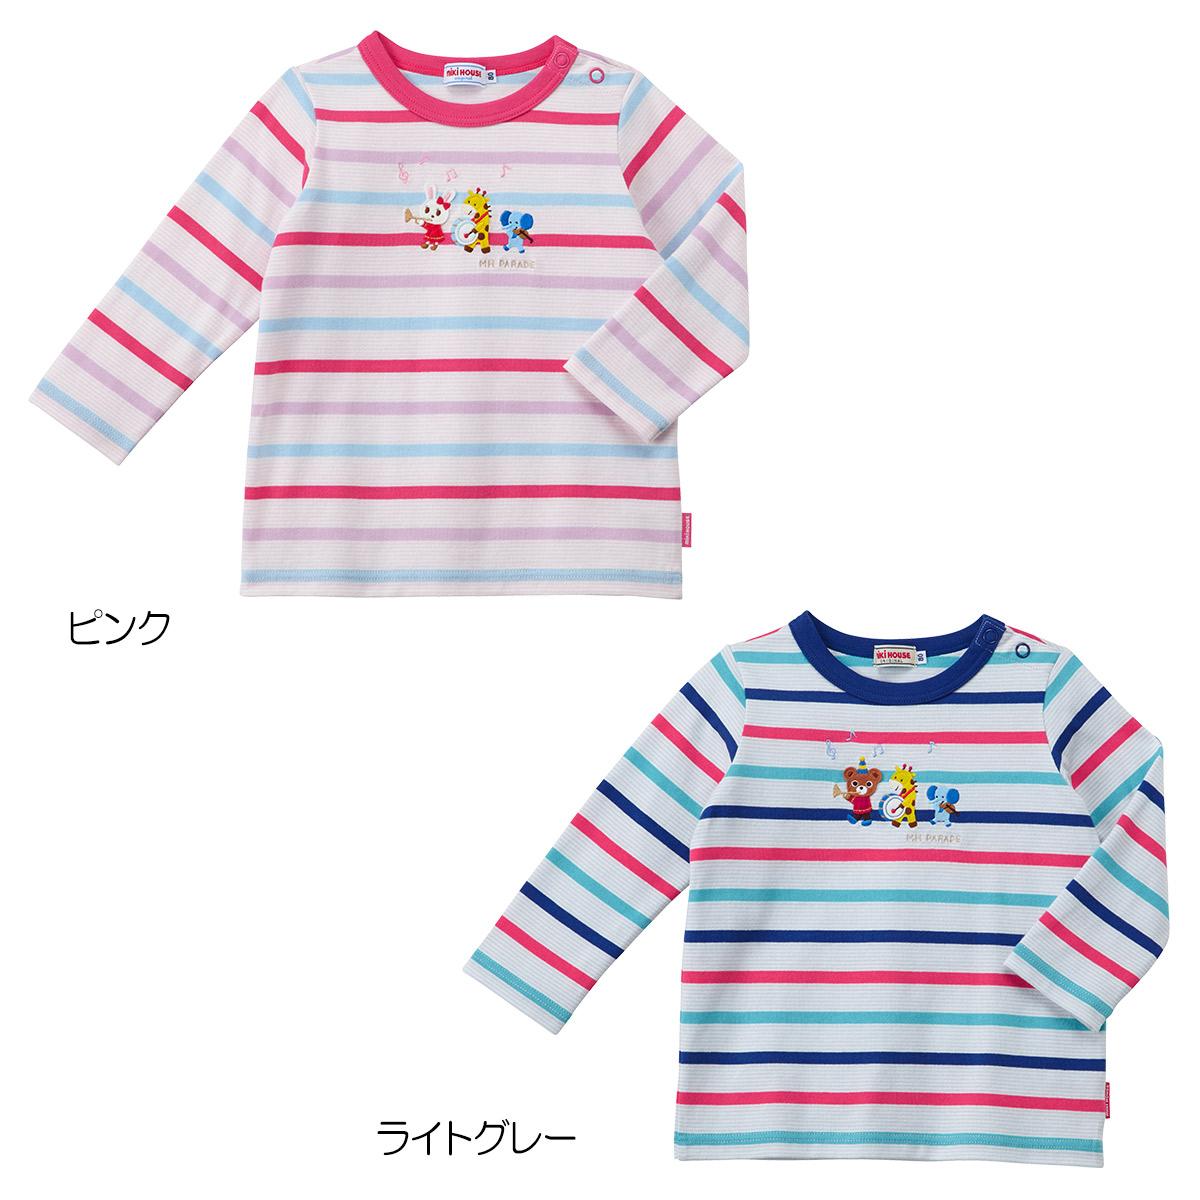 ミキハウス mikihouse パレード ボーダー長袖Tシャツ(110cm・120cm)